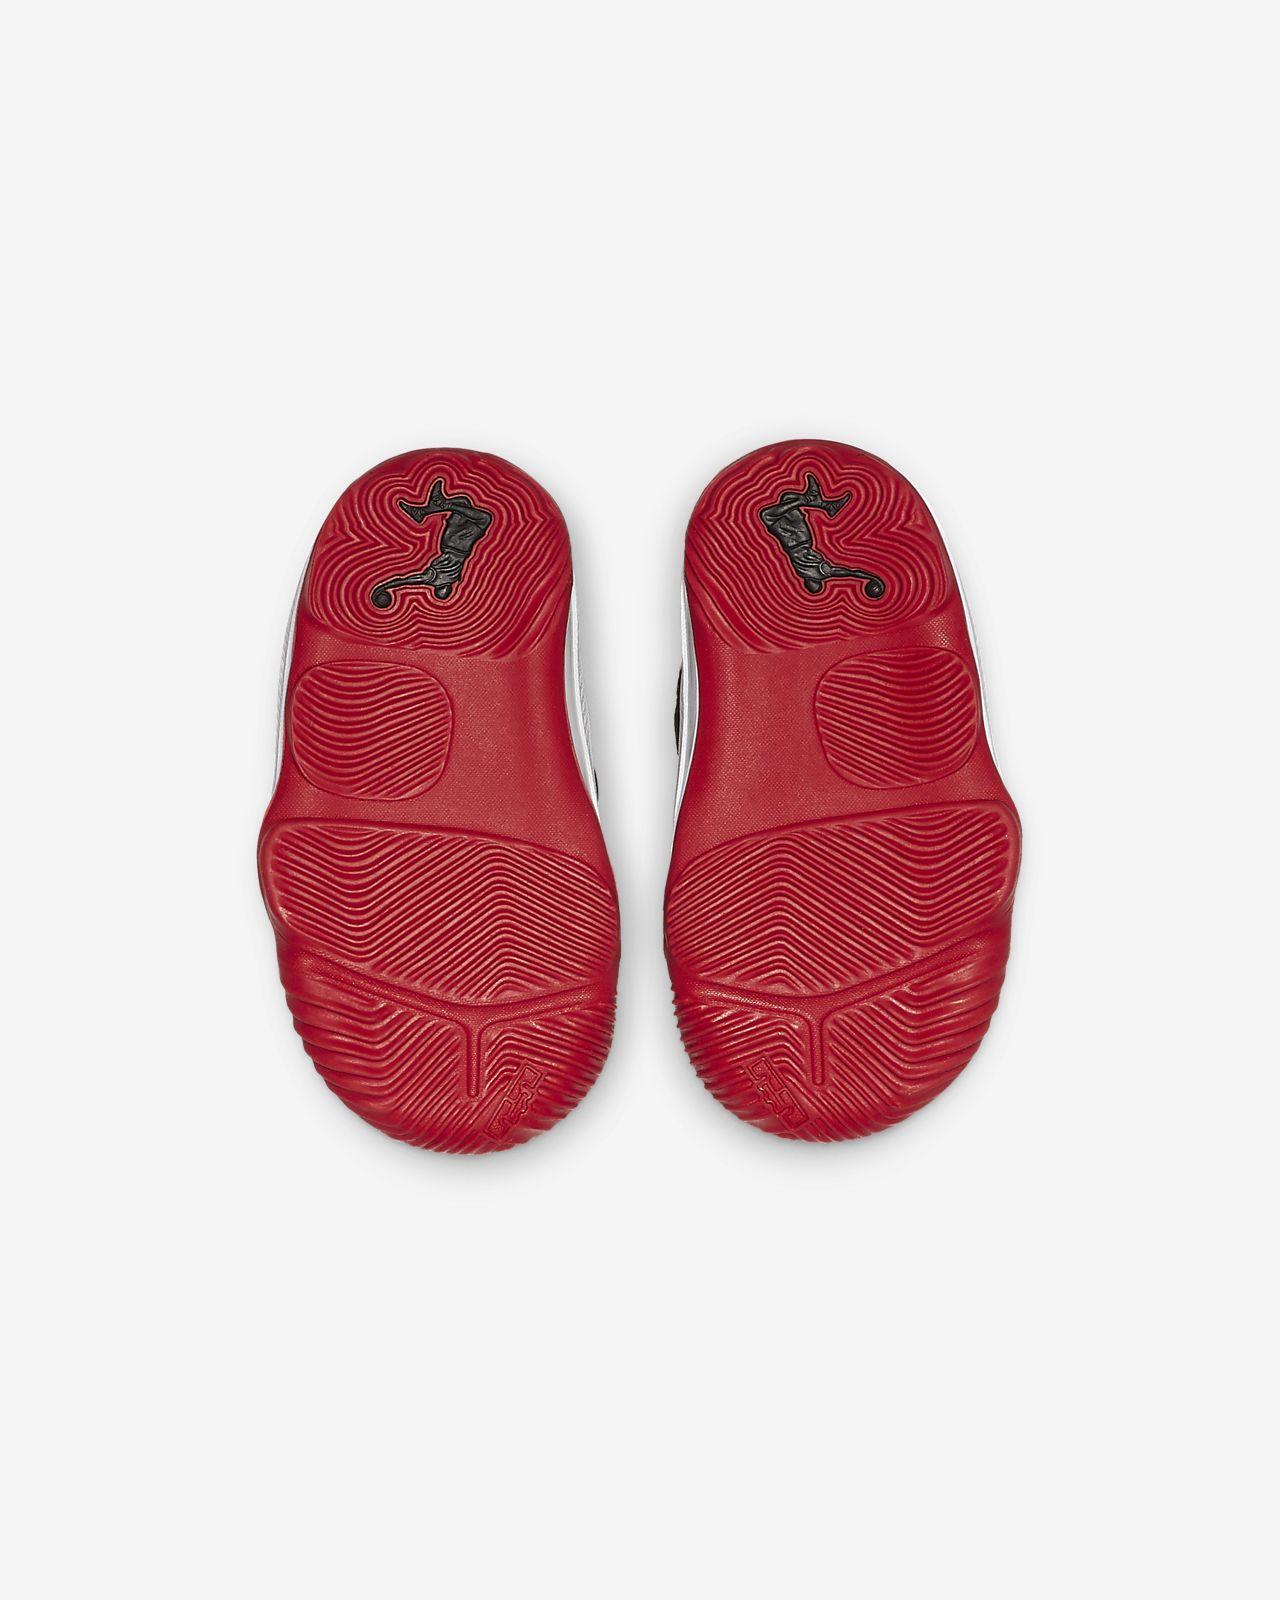 new concept ef963 2d02f LeBron XVI Infant/Toddler Shoe